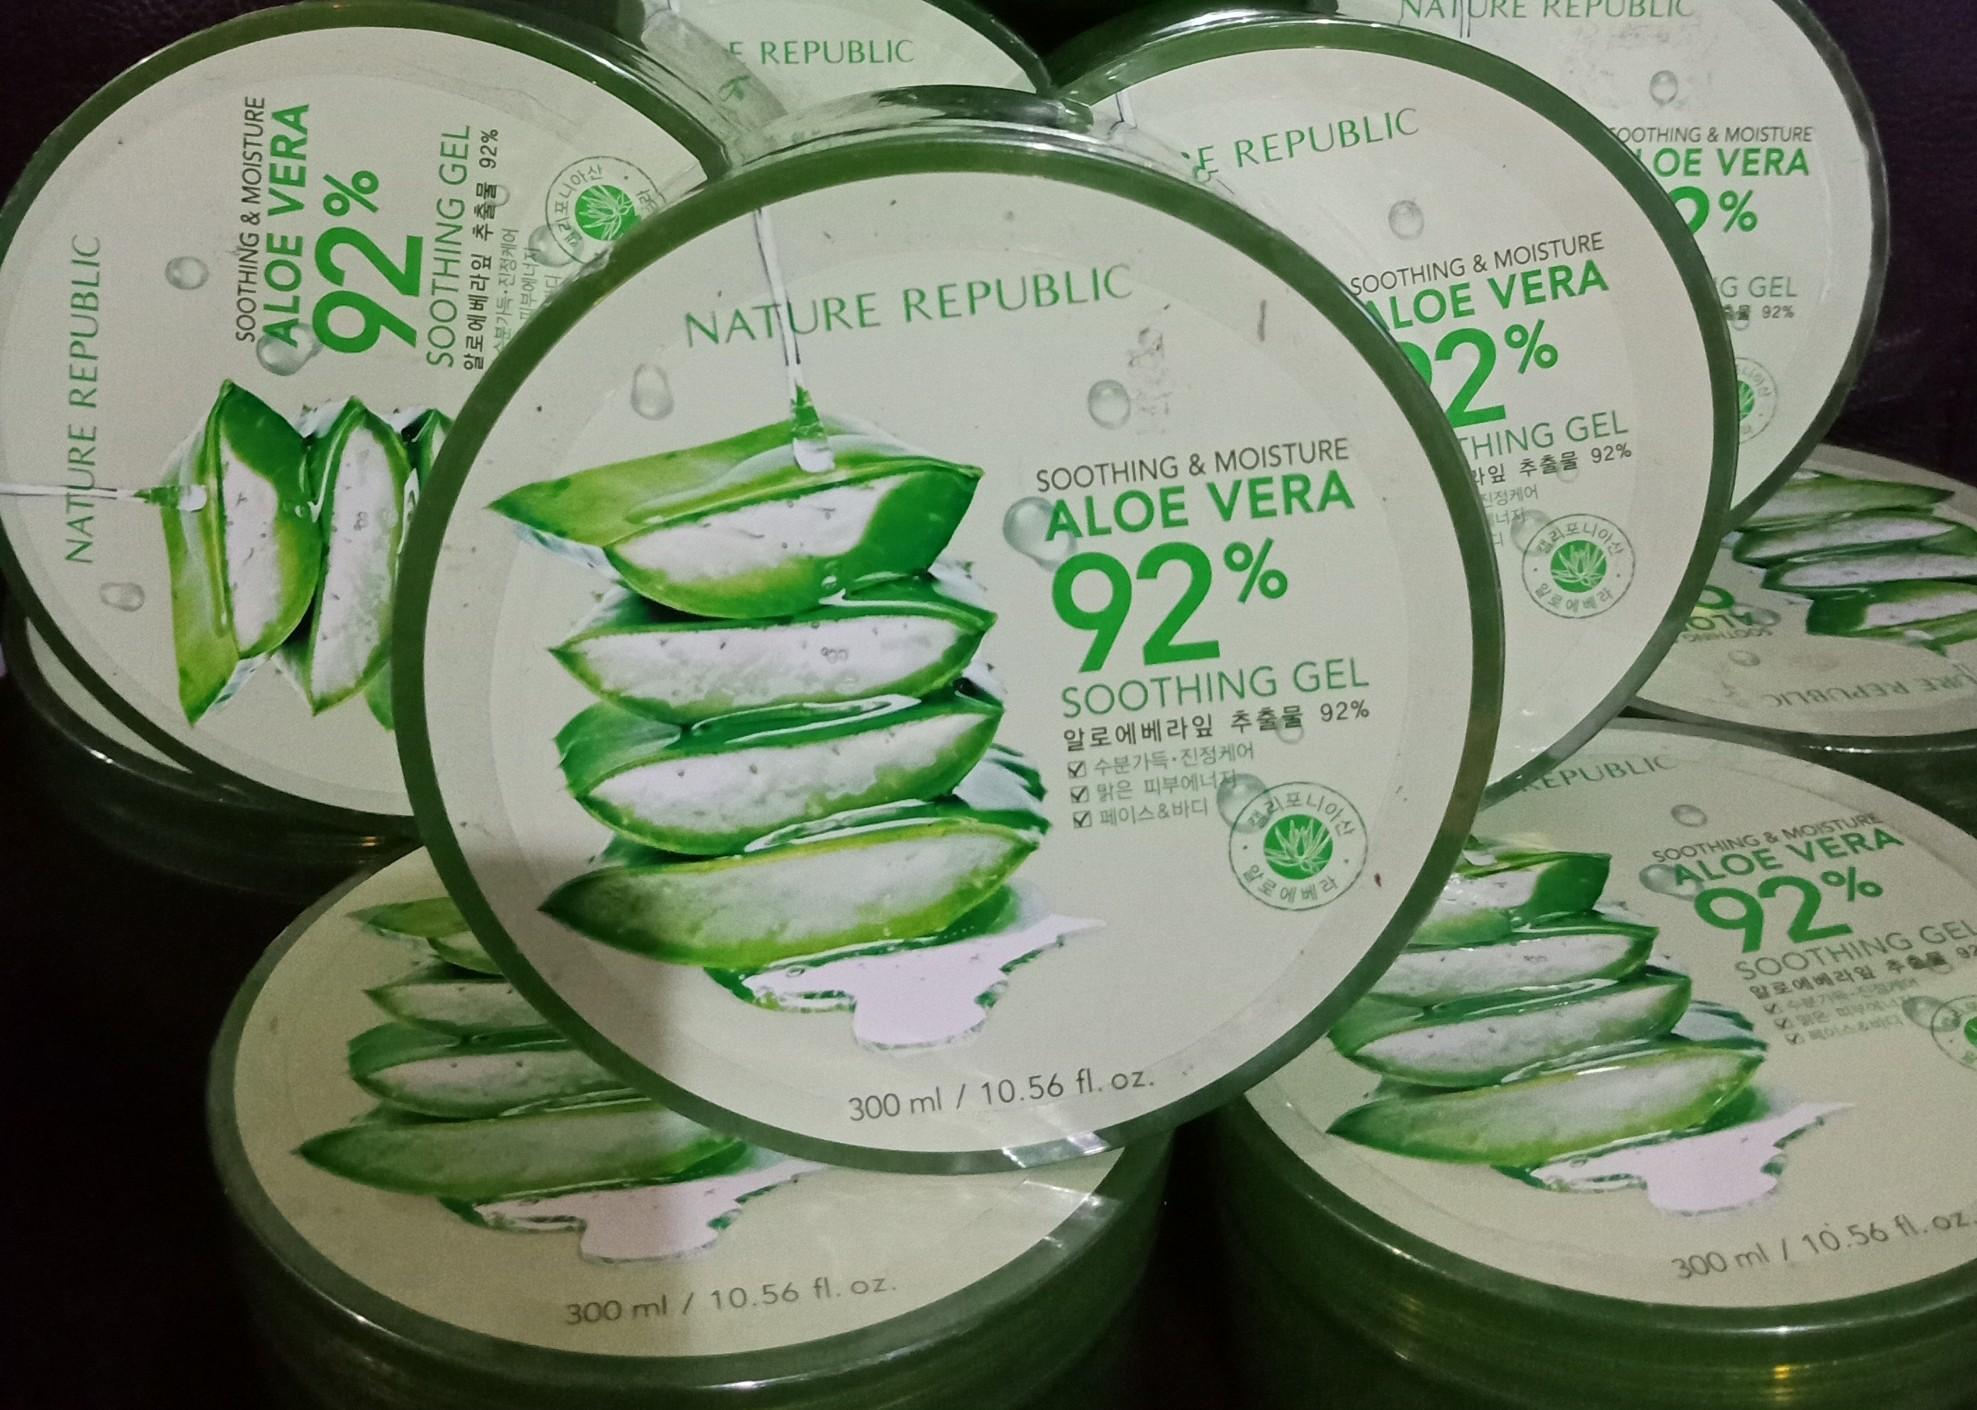 Cek Harga Baru Nature Republic Aloe Vera 92 Terkini Situs Soothing Gel 3